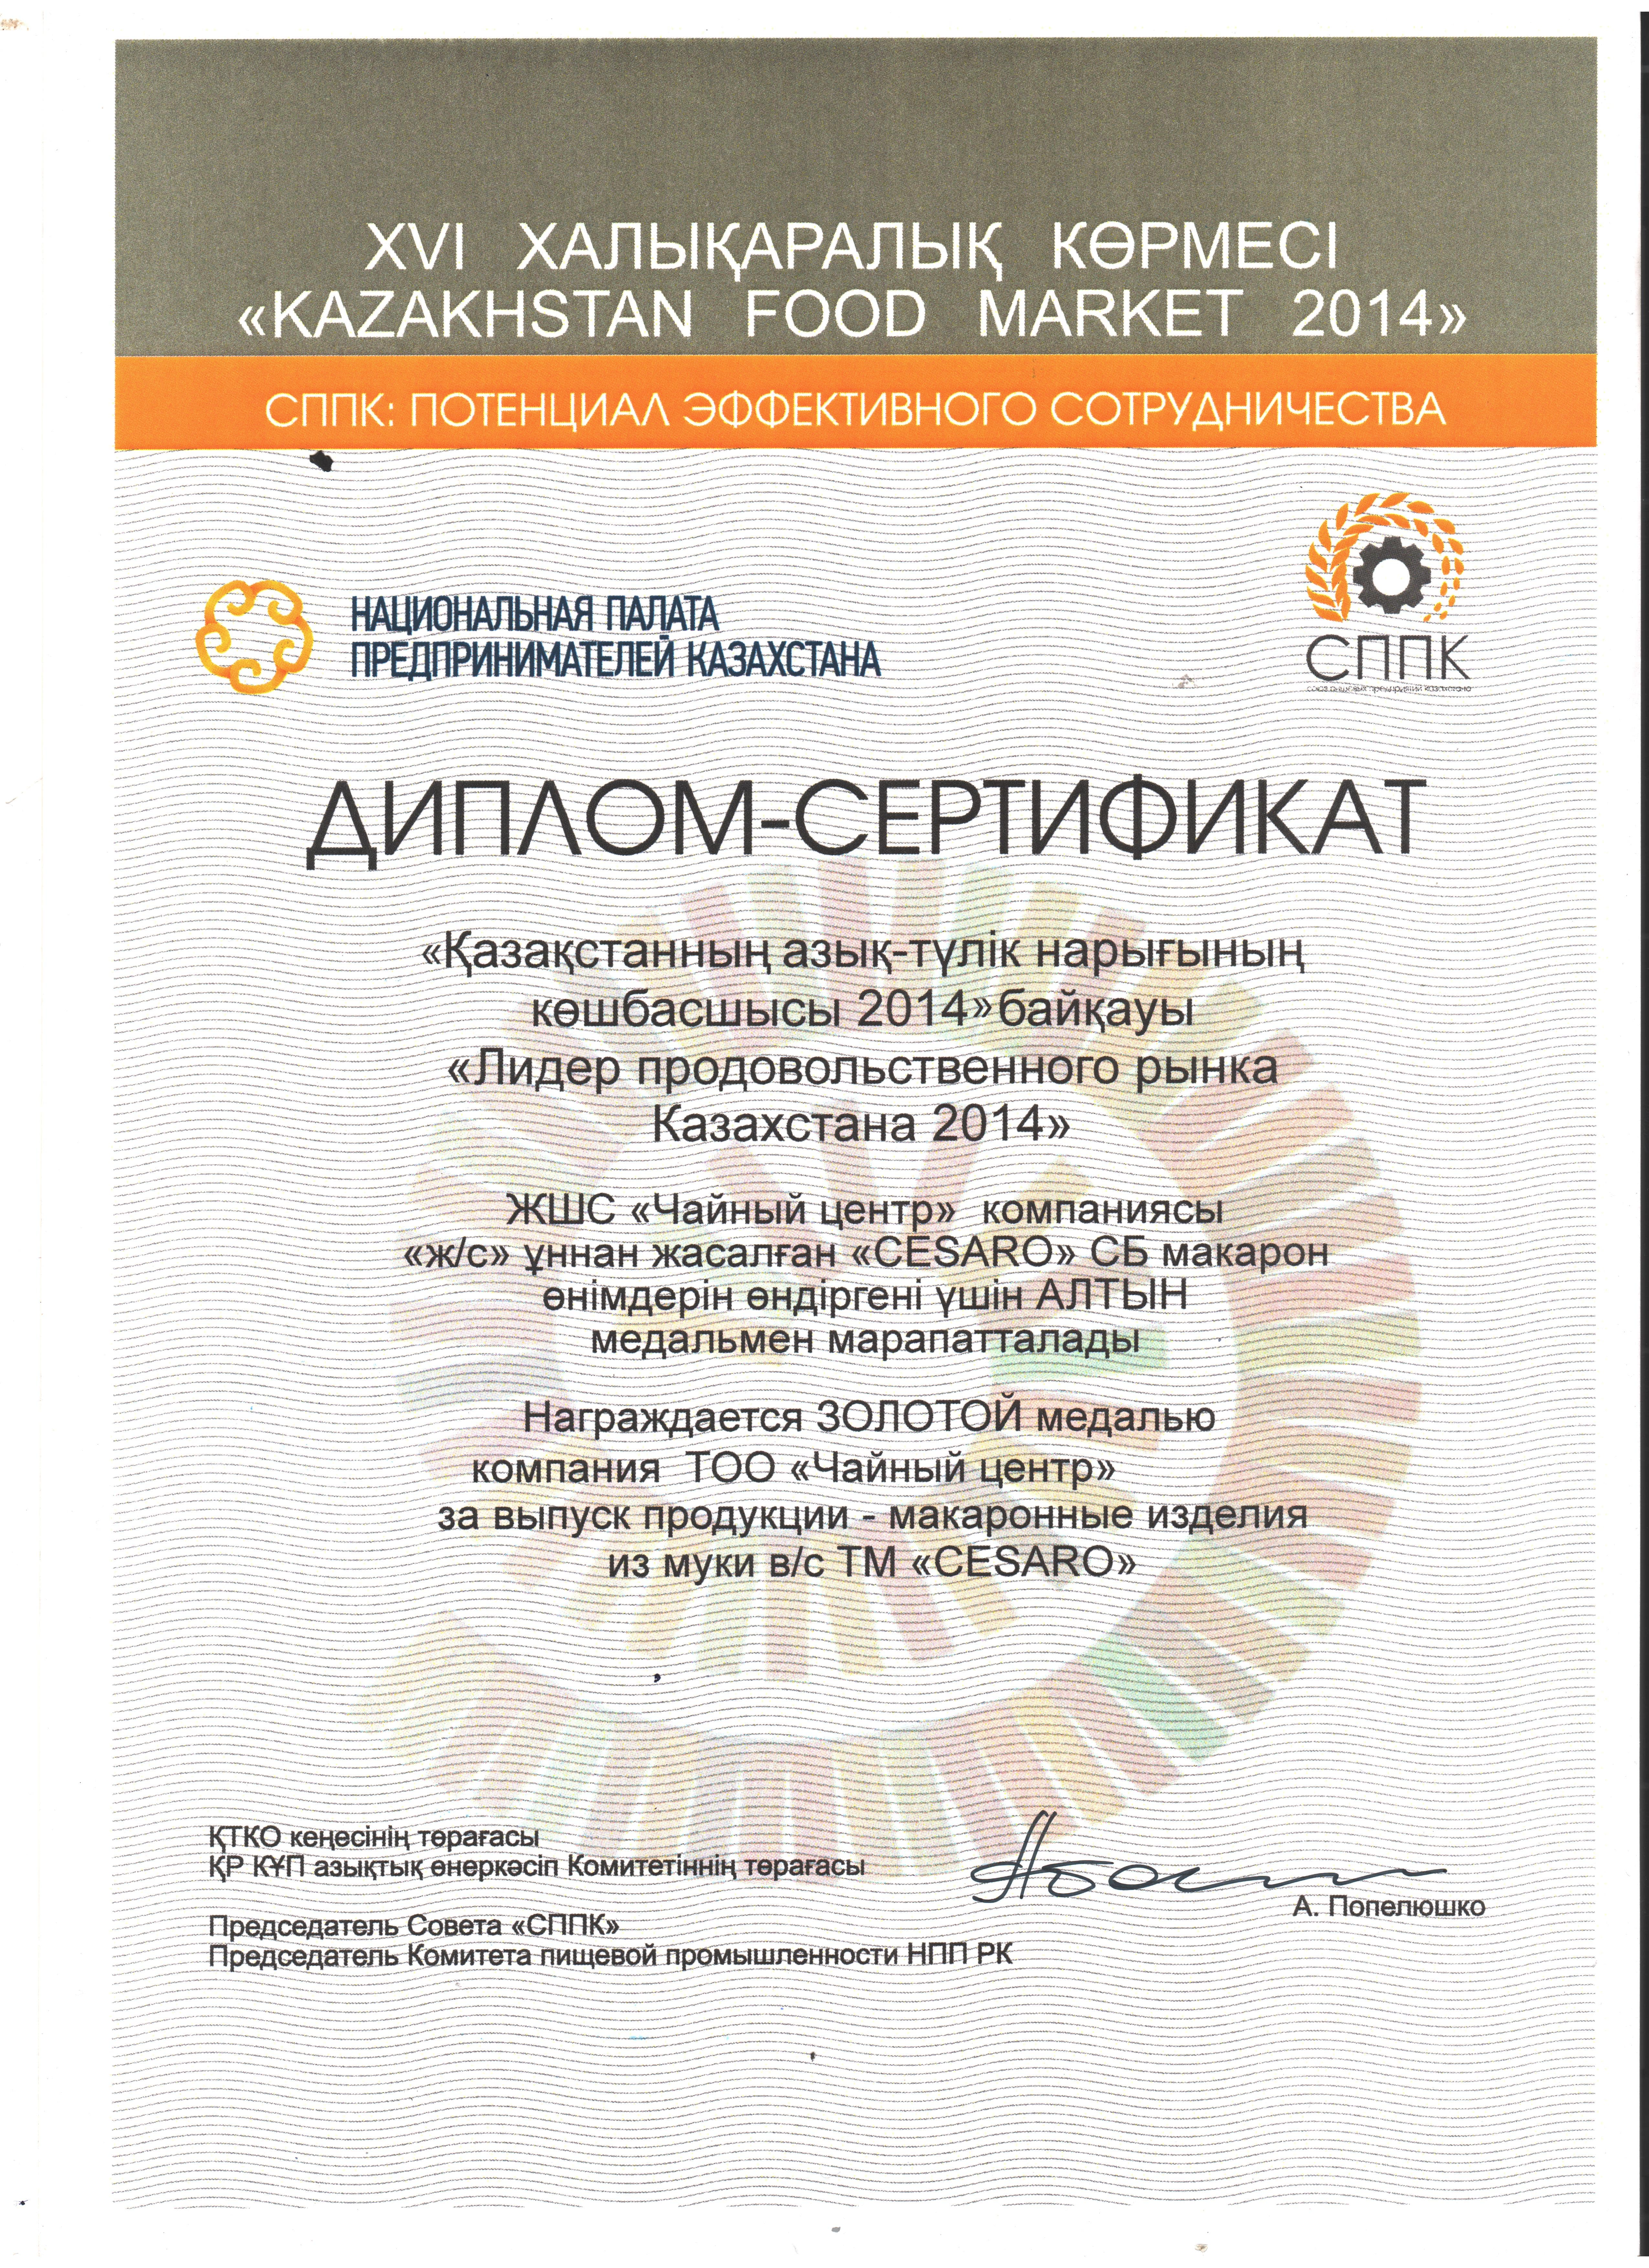 Диплом-Сертификат: Национальная палата предпринимателей Казахстана